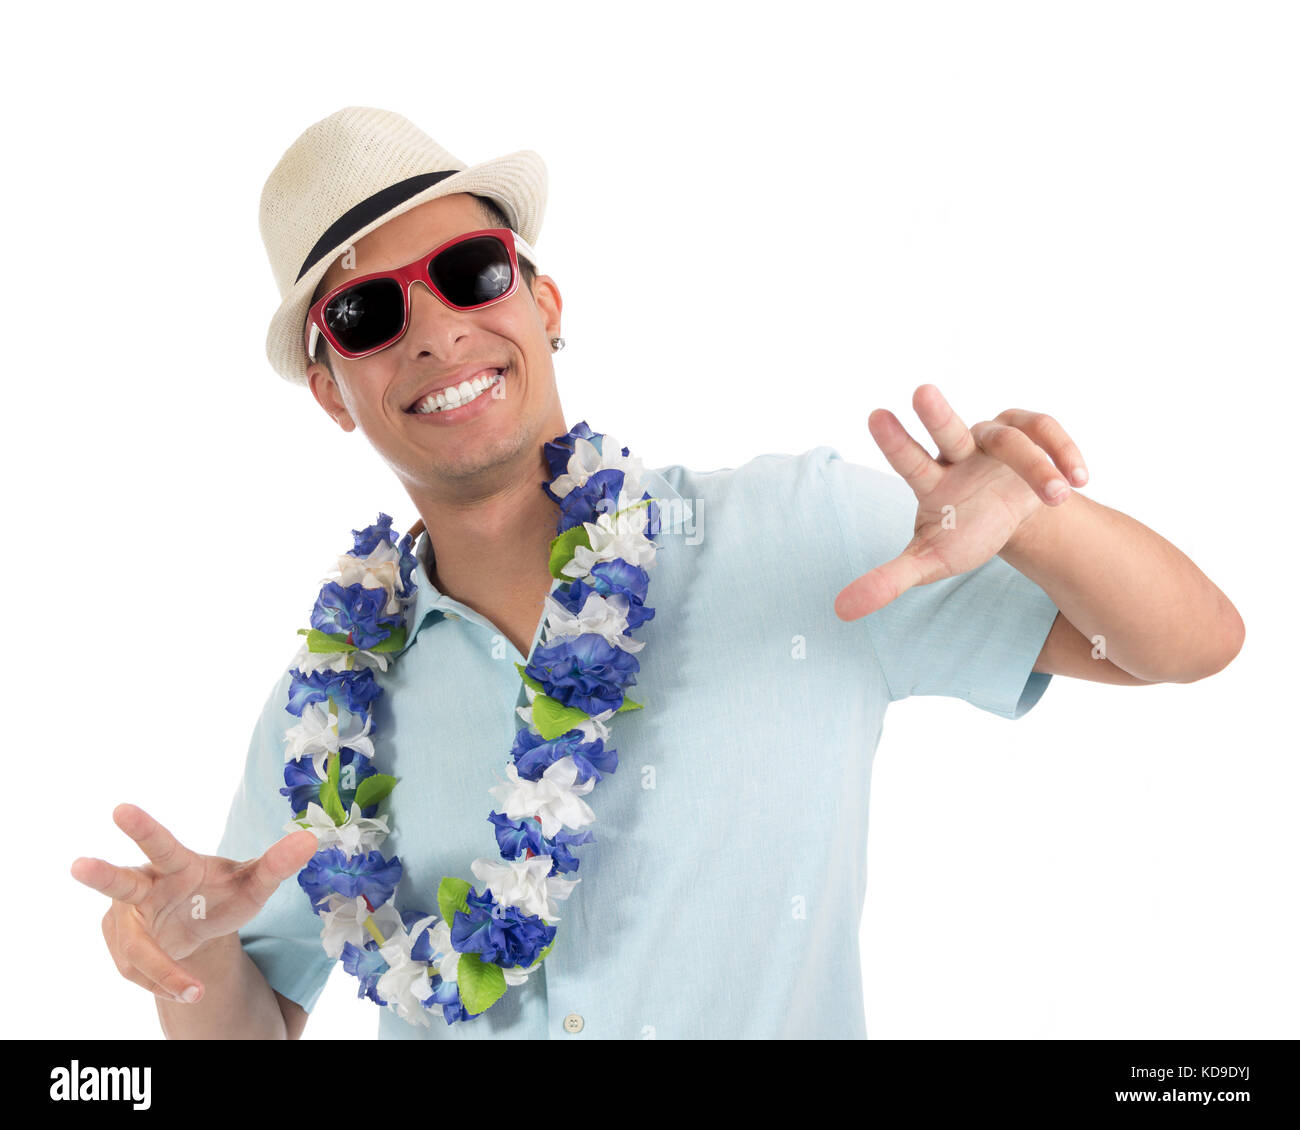 L'homme prend avantage de la réjouissance et célèbre carnaval. Le port de lunettes de soleil, Photo Stock